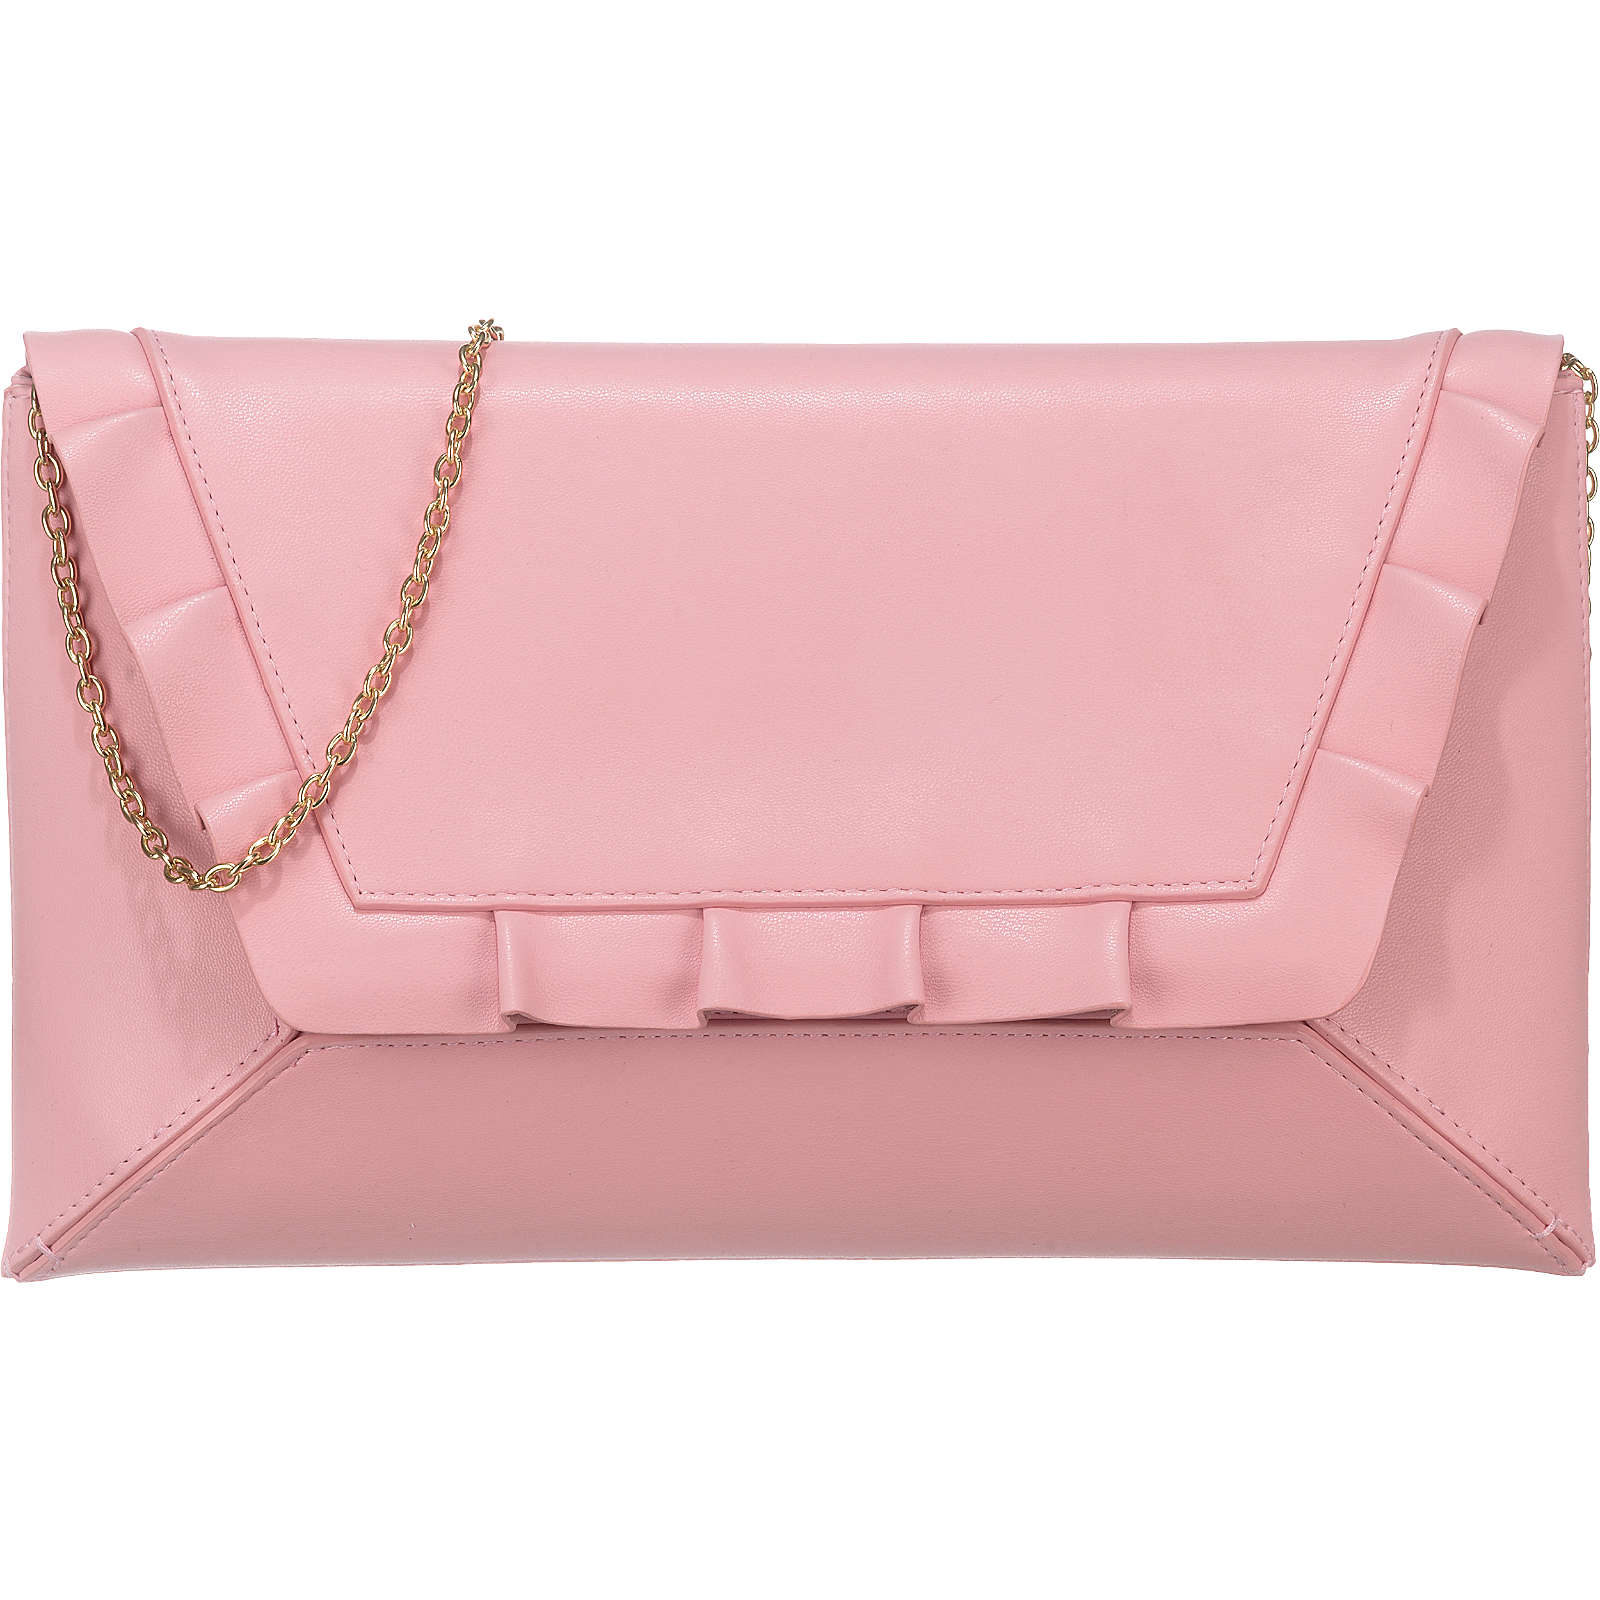 BUFFALO Abendtasche rosa Damen bei Mirapodo - Neue Styles